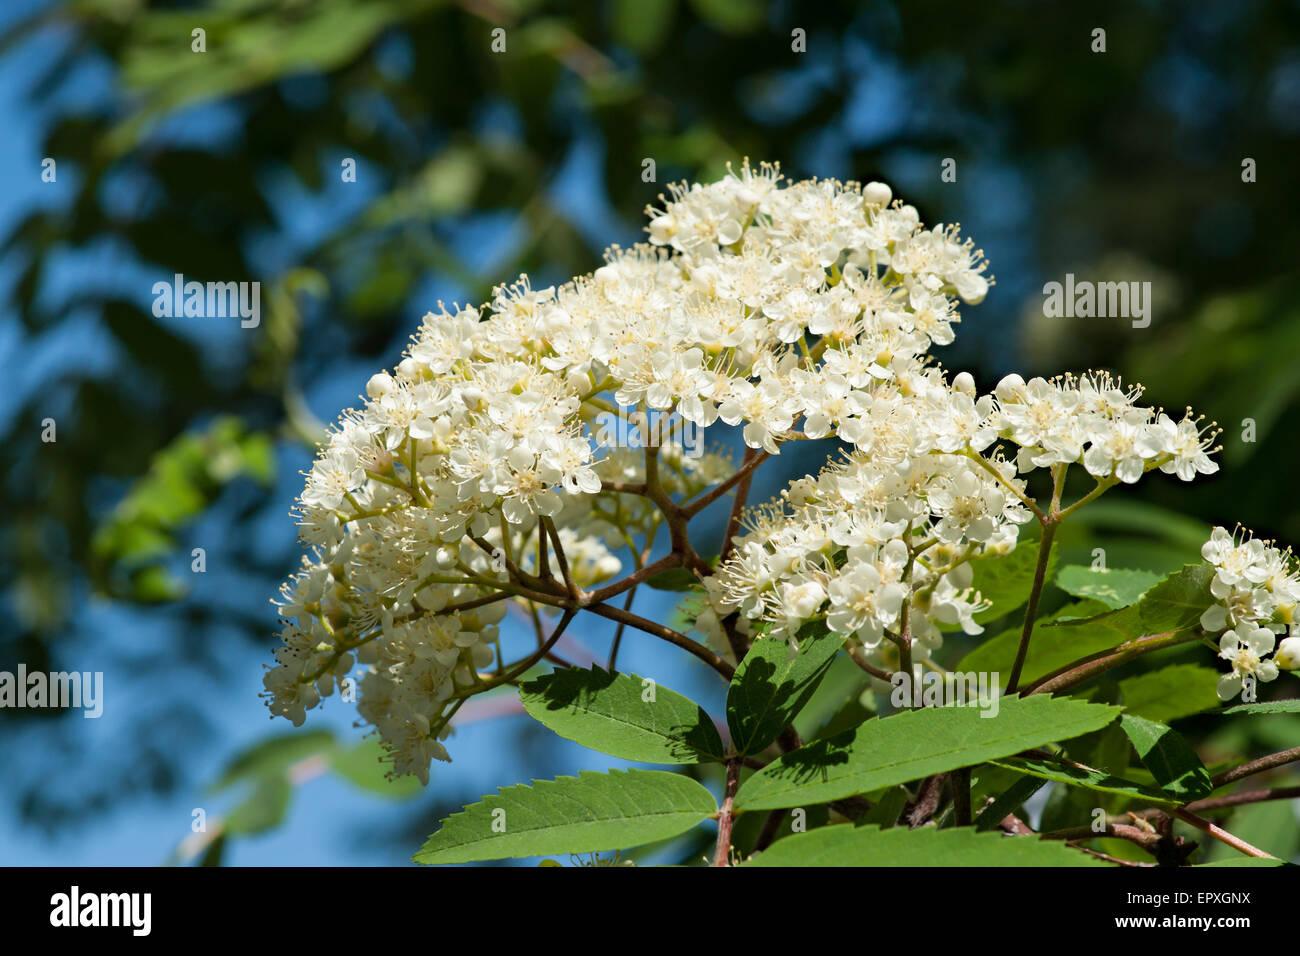 Rowan Tree In Bloom Cluster Of Rowan Tree Flowers Of White Color